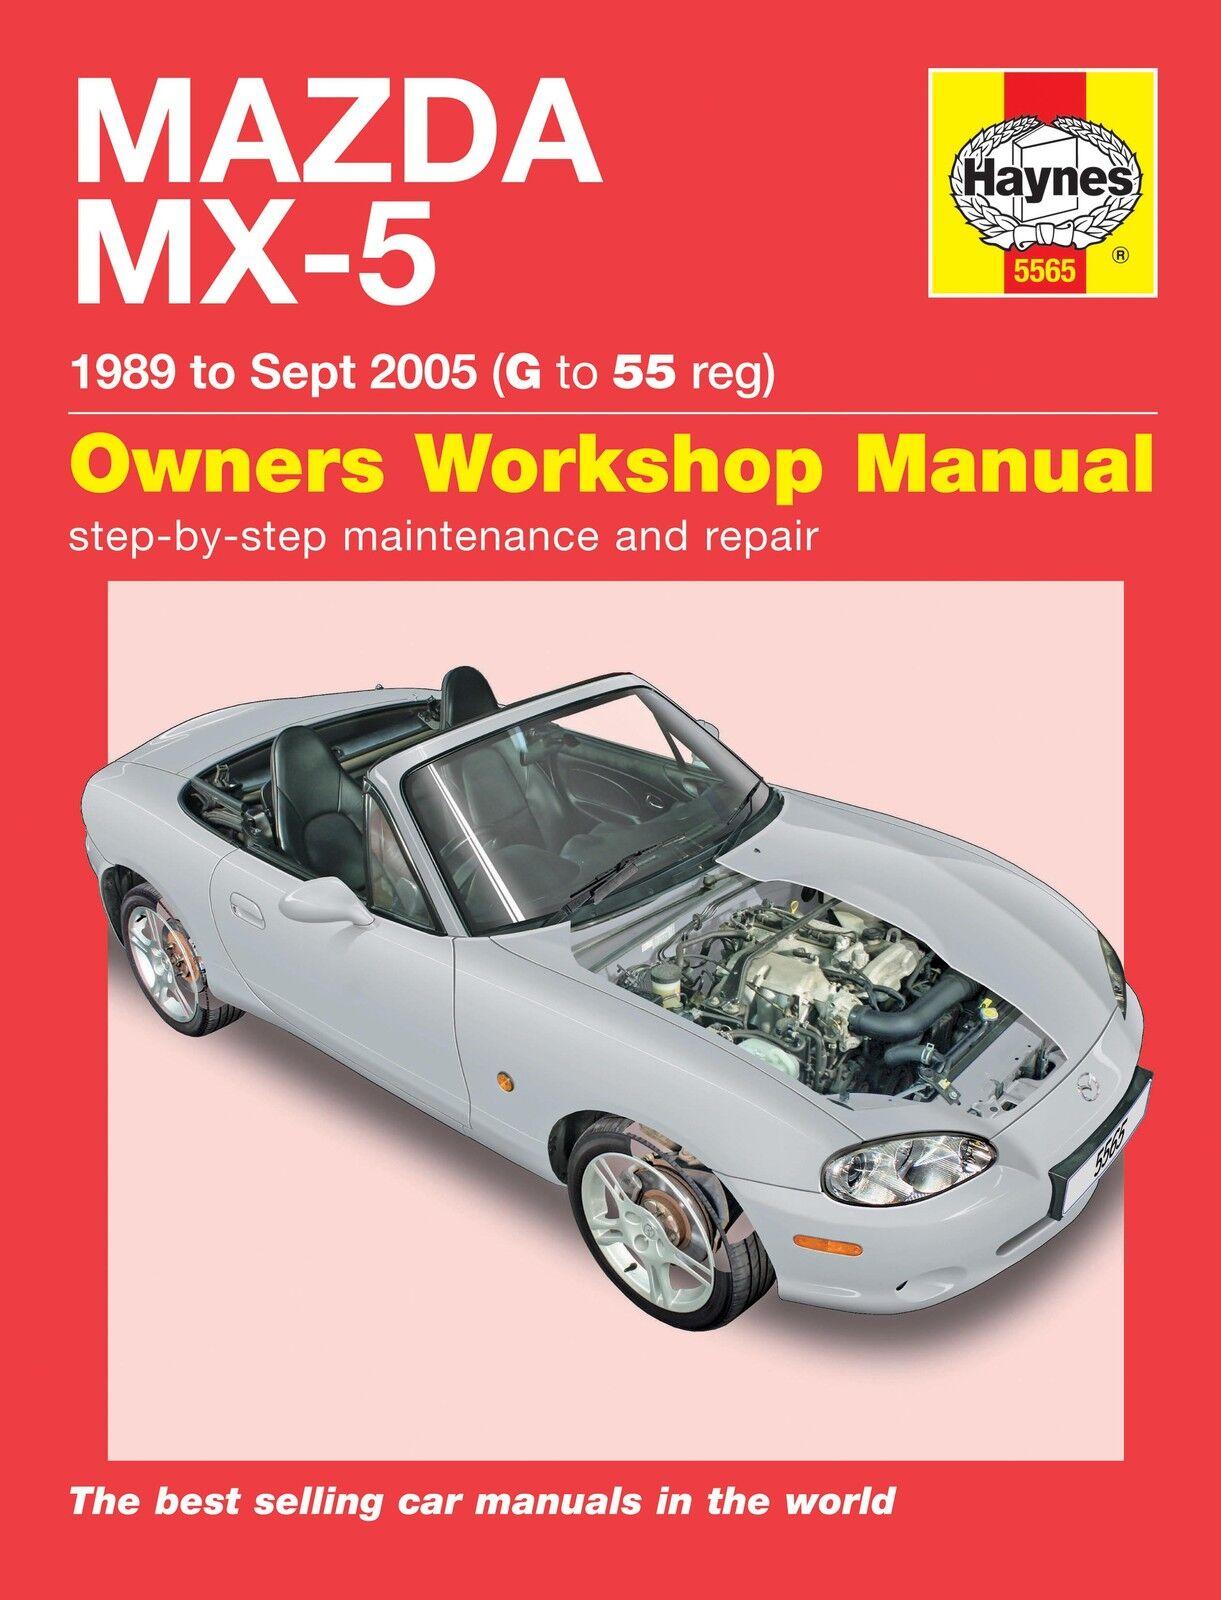 Haynes Manual Mazda MX-5 UK Models Eunos MX5 MkI & MkII 1989-2005 NEW 5565    eBay